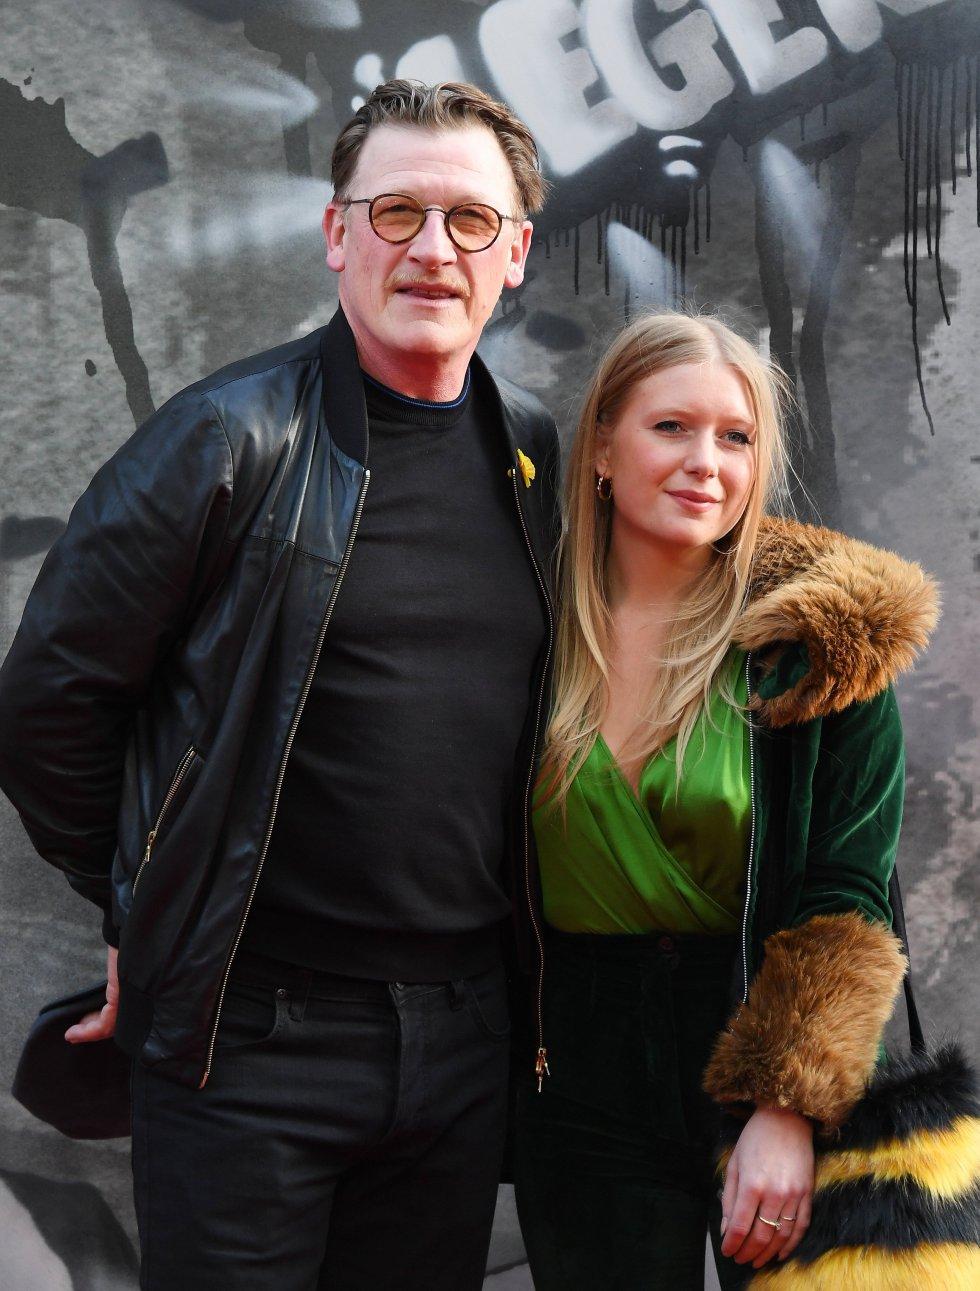 El actor Geoff Bell llegó a la premiére de la cinta en compañía de su esposa.